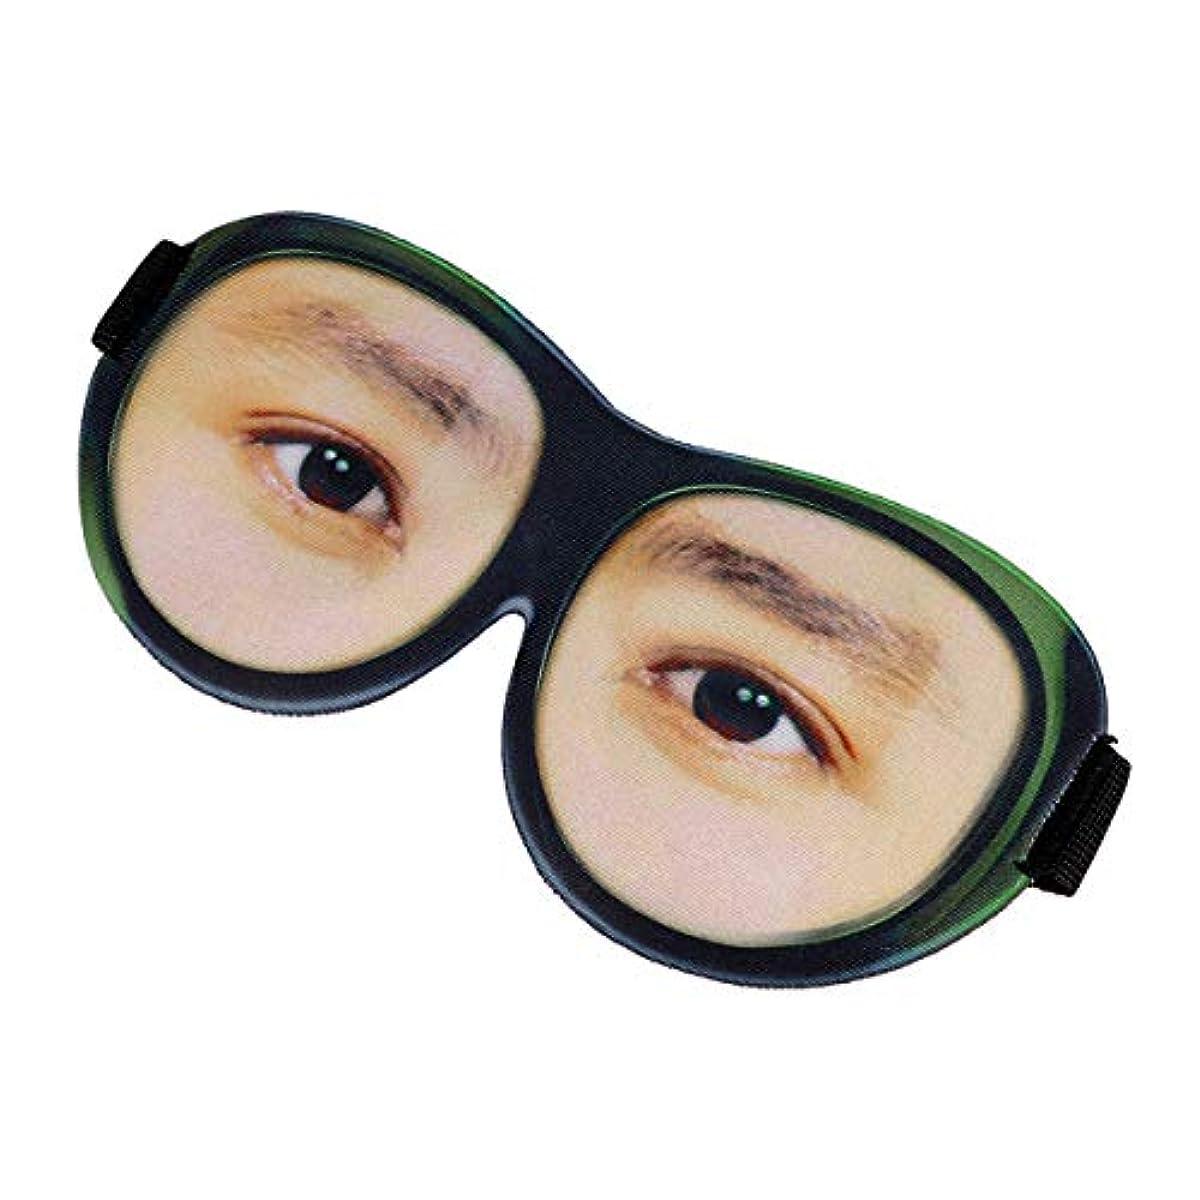 拘束複雑田舎者Beaupretty 睡眠マスクメガネ3d付き調節可能ストラップアイアイシェード睡眠アイシェード遮光ブロック用ホーム旅行屋外旅行